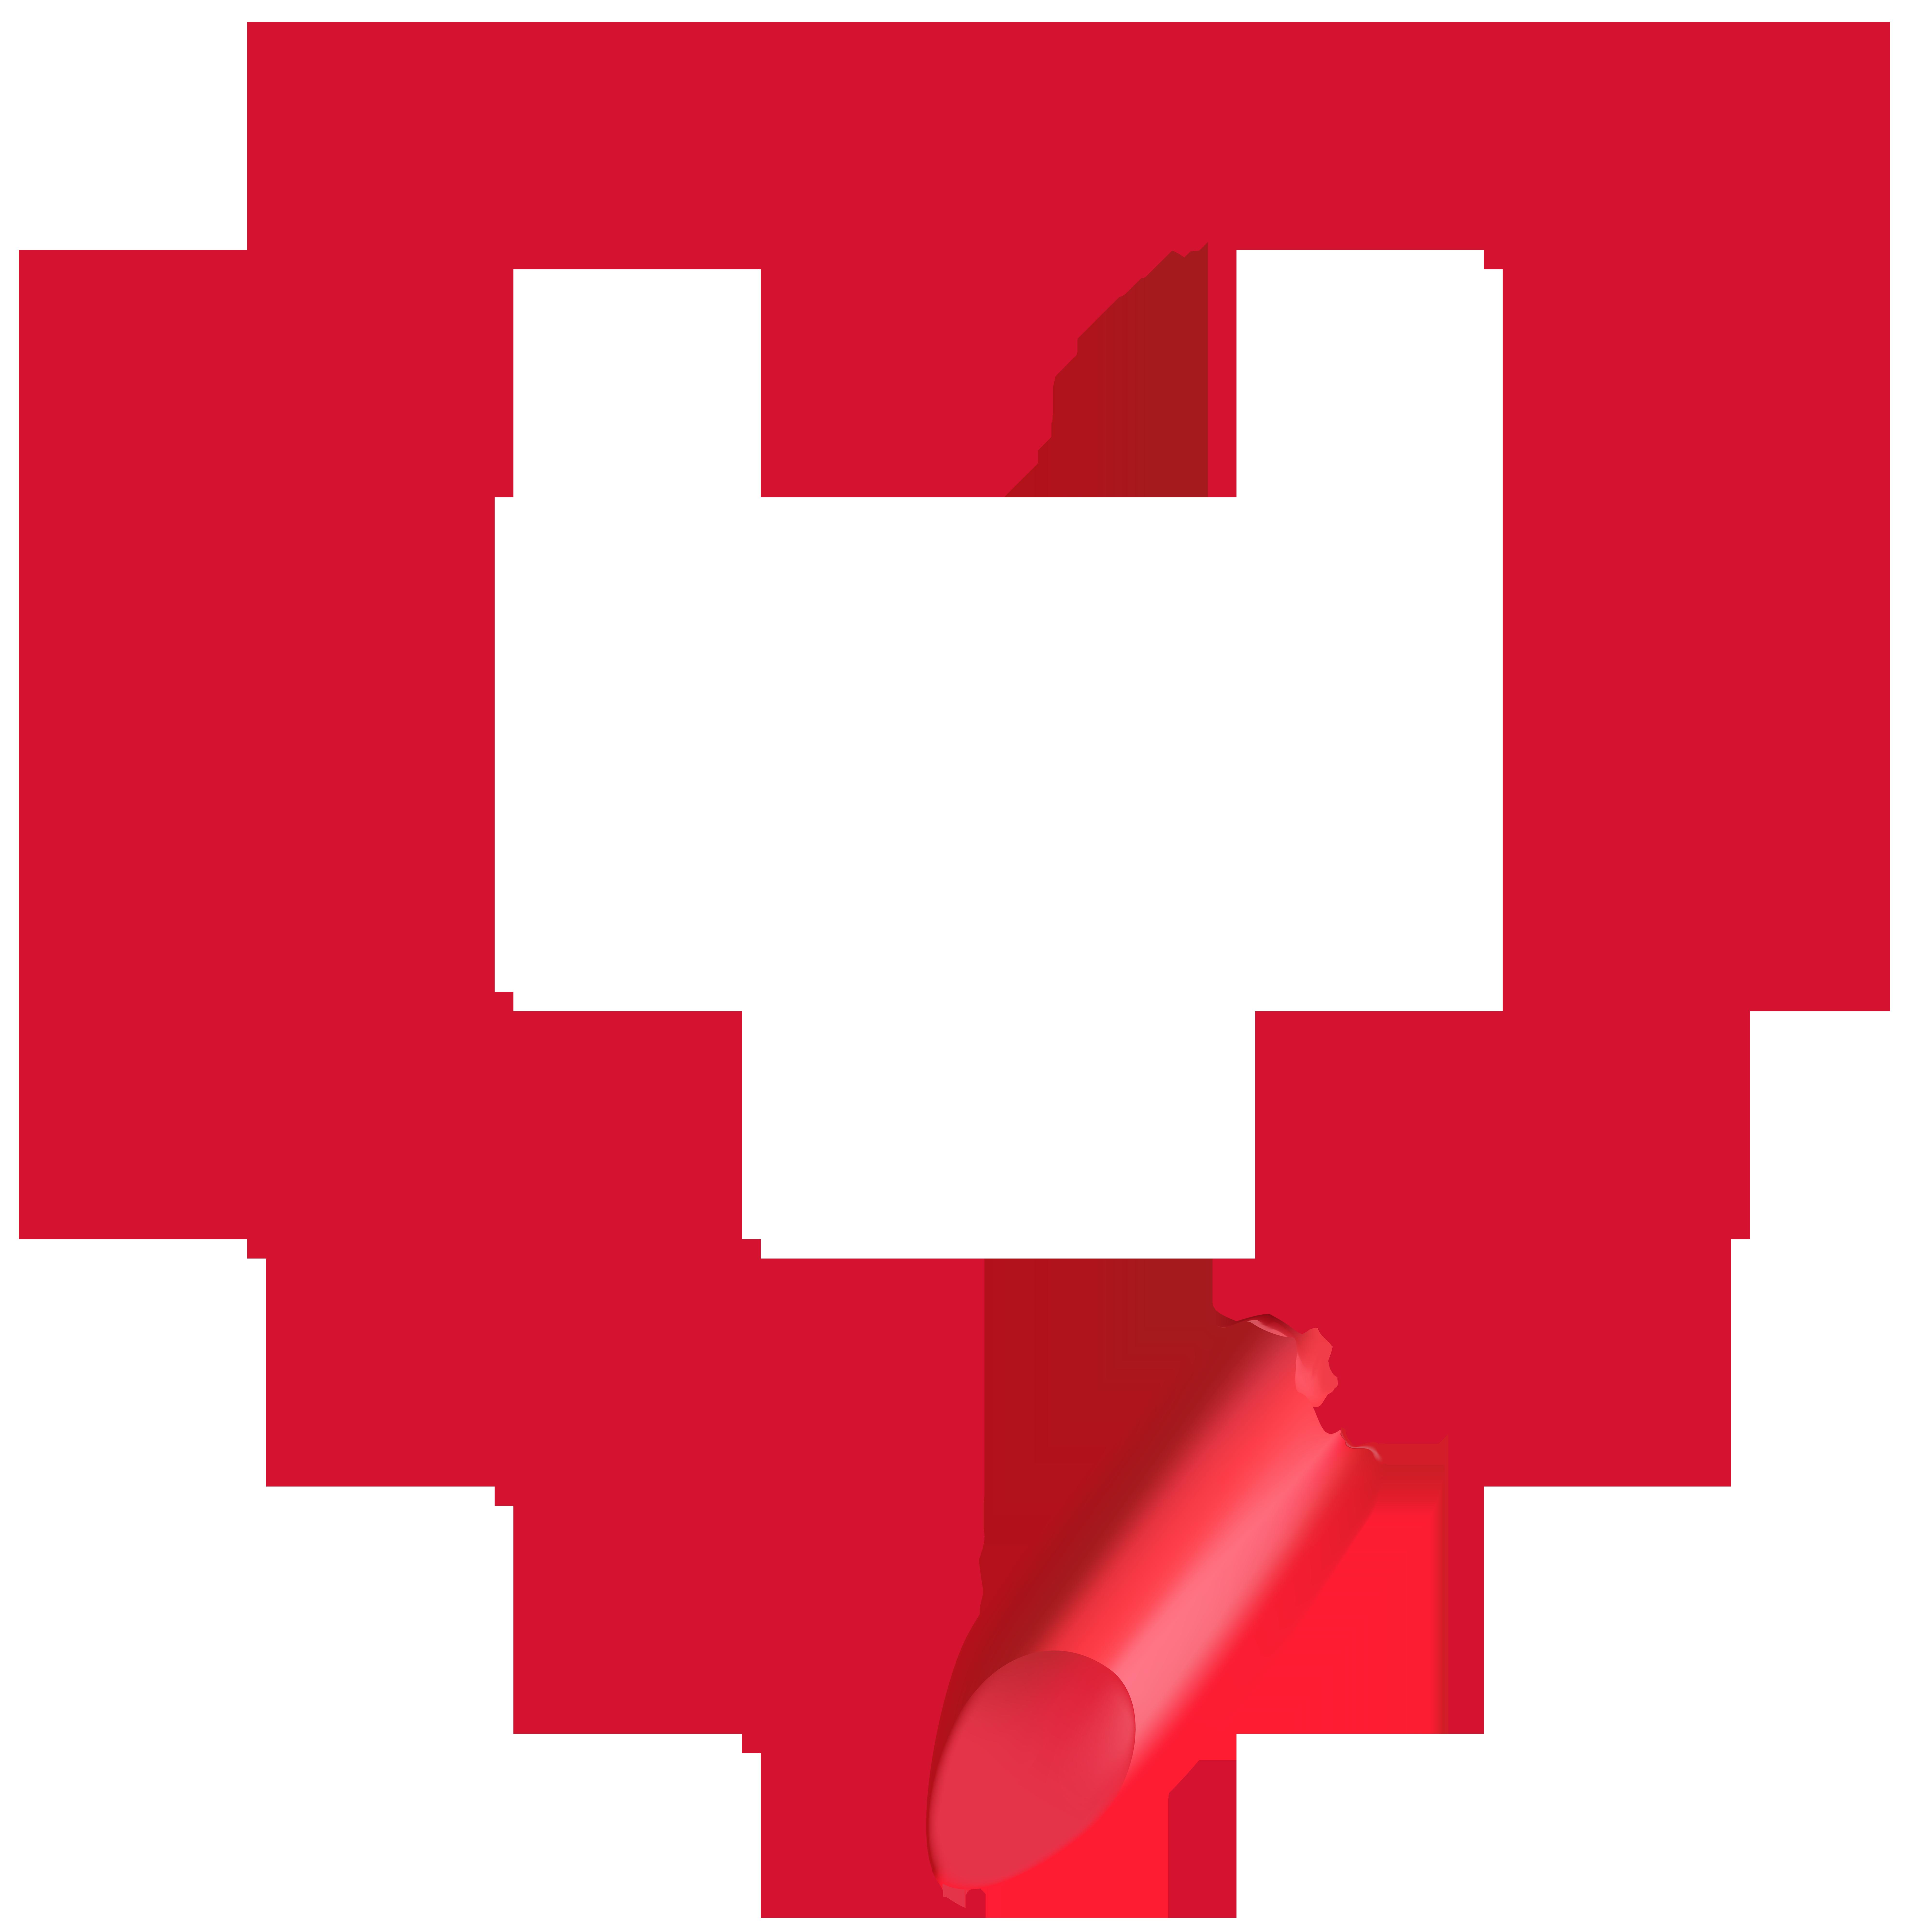 8000x7983 Lipstick Heart Transparent Clip Art Imageu200b Gallery Yopriceville